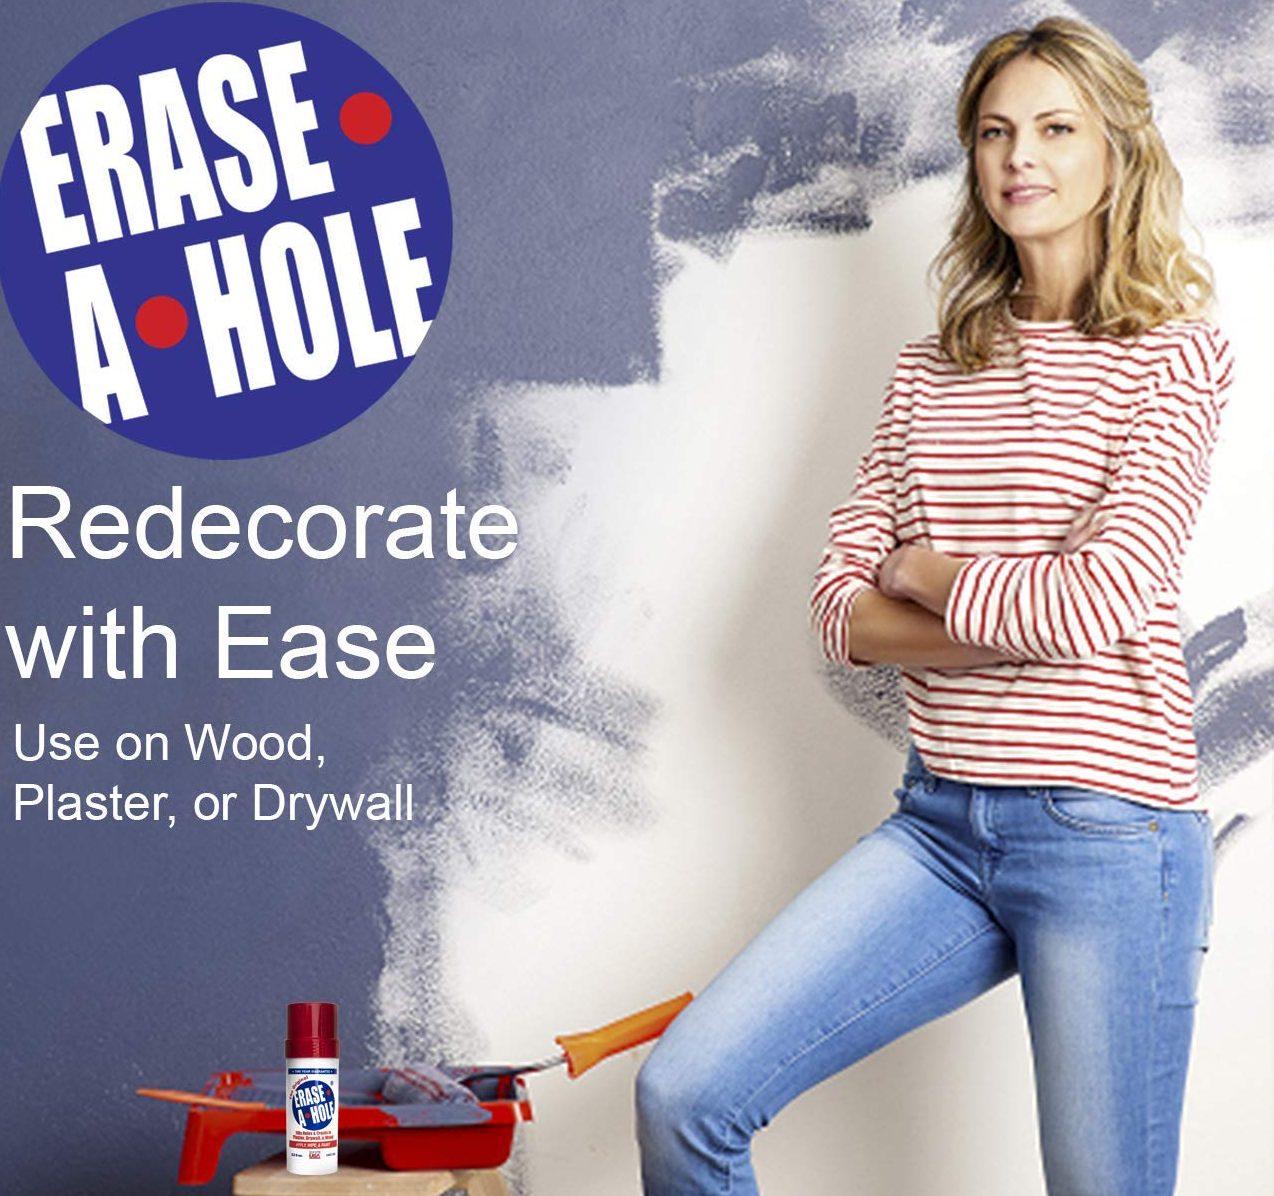 erase a hole